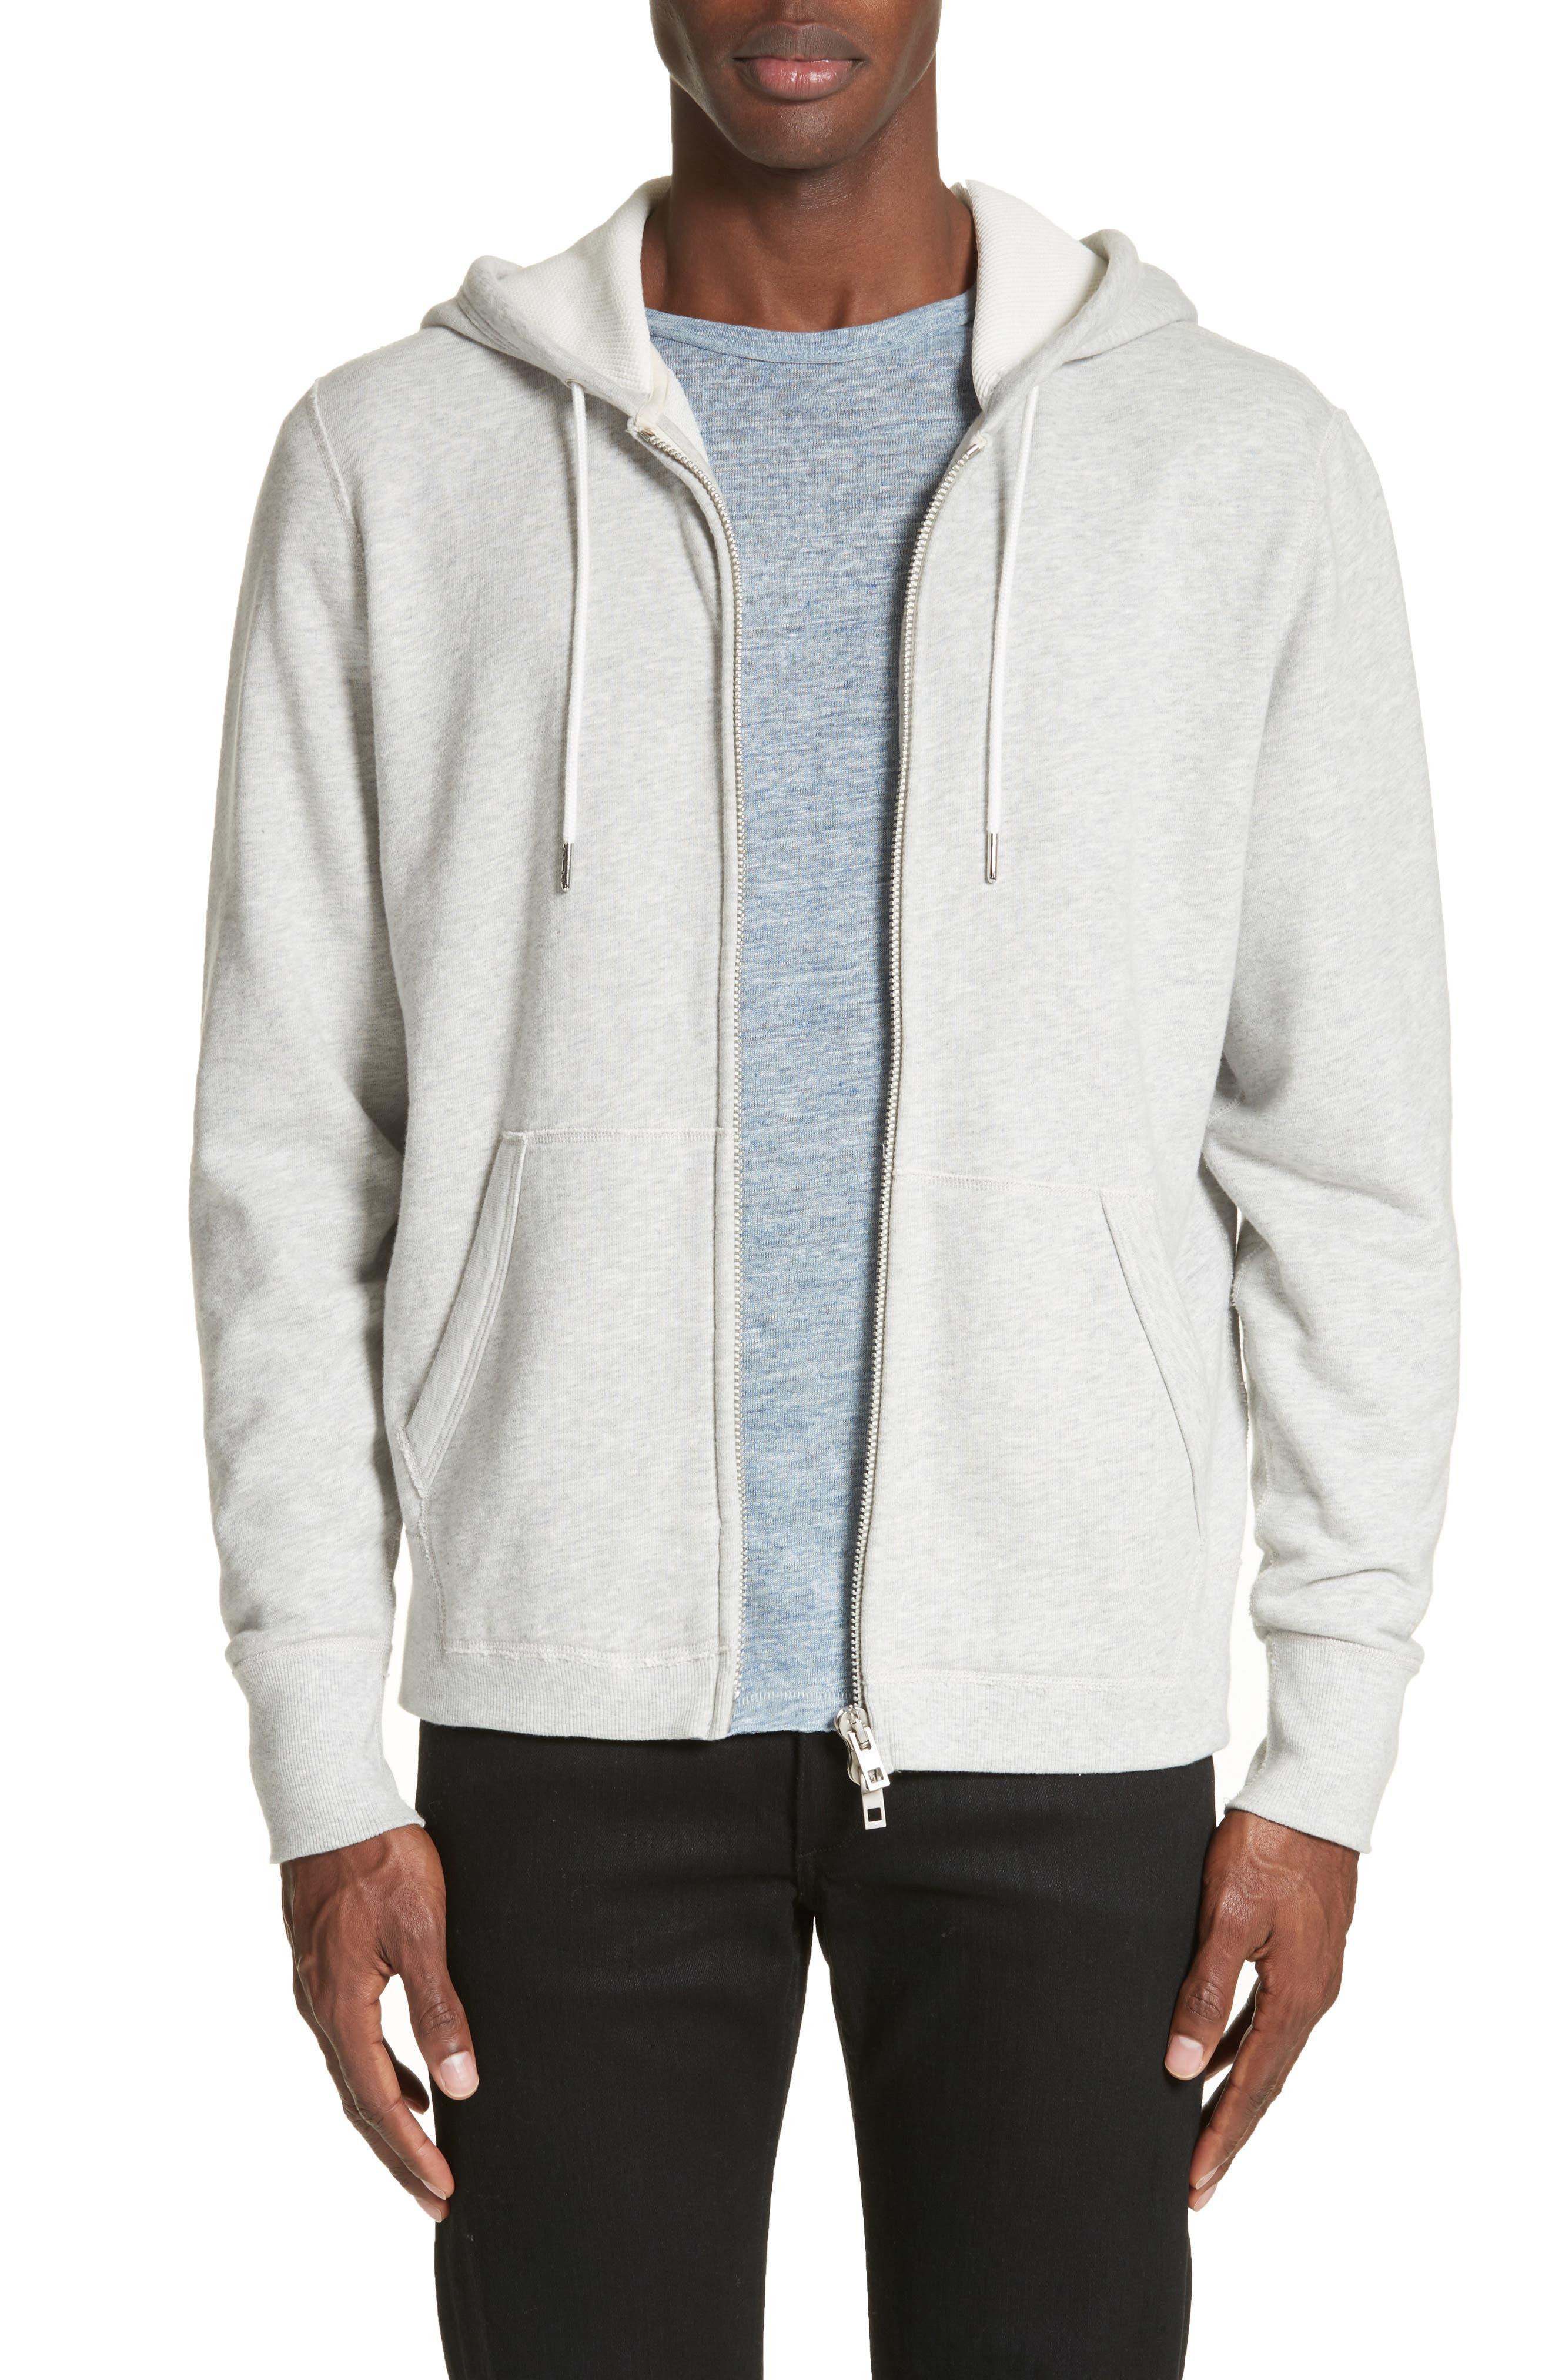 Alternate Image 1 Selected - rag & bone Standard Issue Zip Hoodie